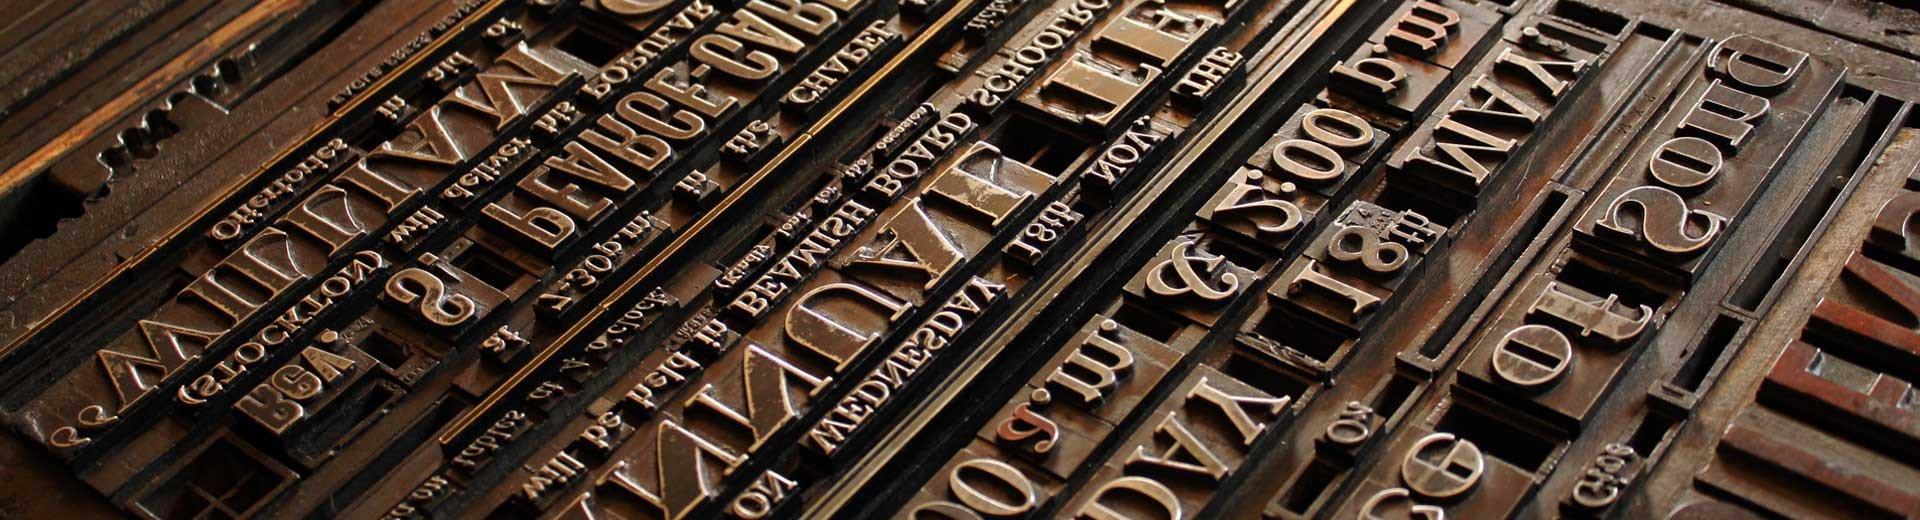 Okładka artykułu Krótka historia pisma — Jak zmieniały się kroje na przestrzeni epok?